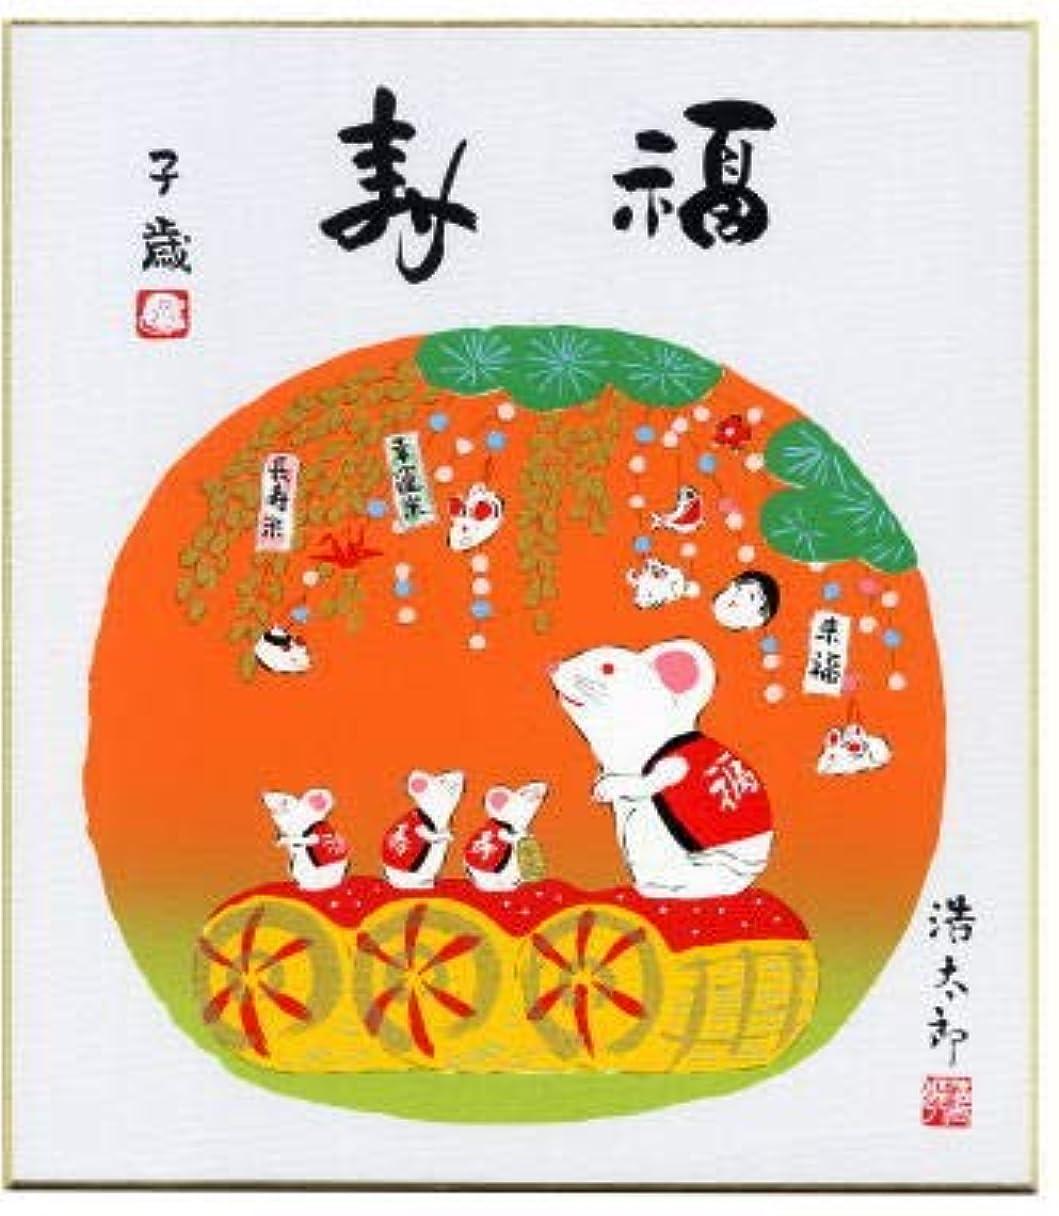 予測重大陽気な2020年(令和2年)子年干支色紙 吉岡浩太郎版画色紙 3米俵